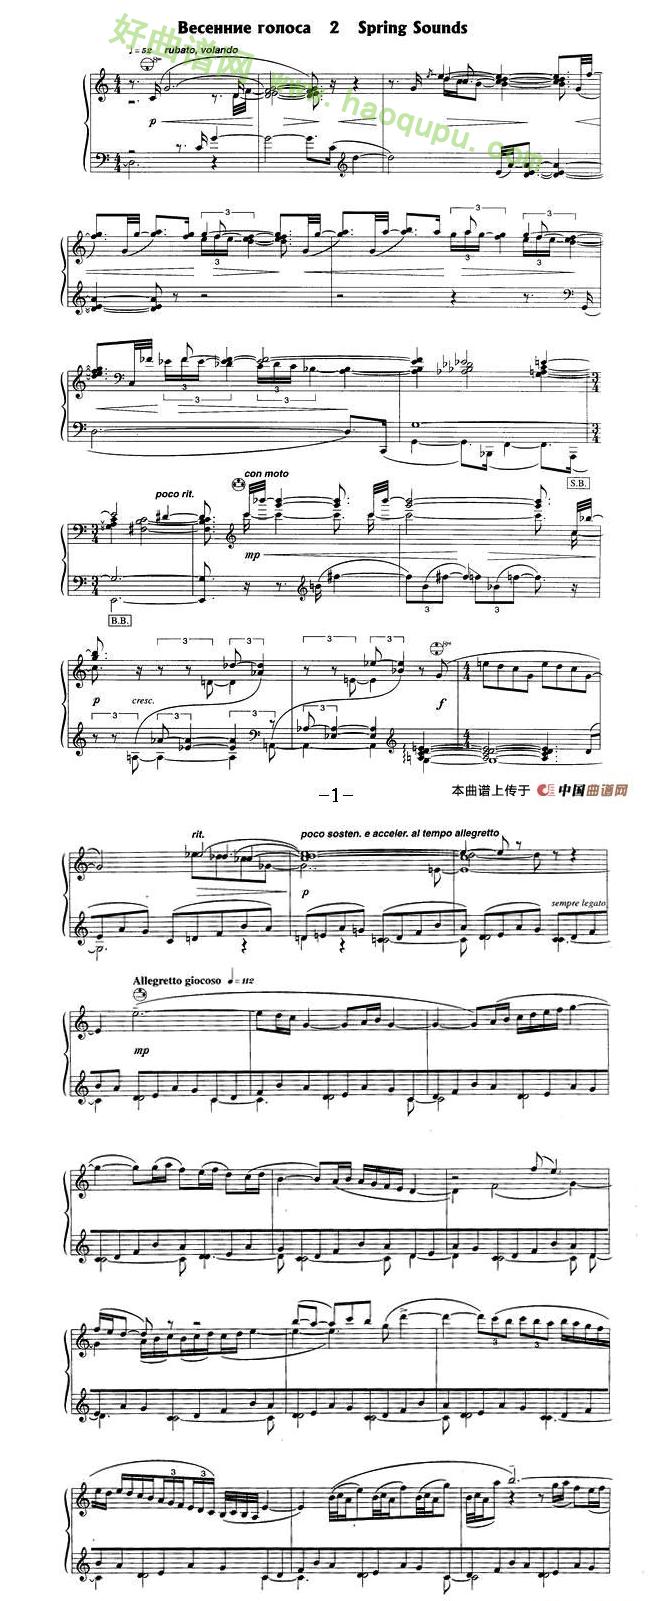 《春天组曲之二》手风琴曲谱第1张